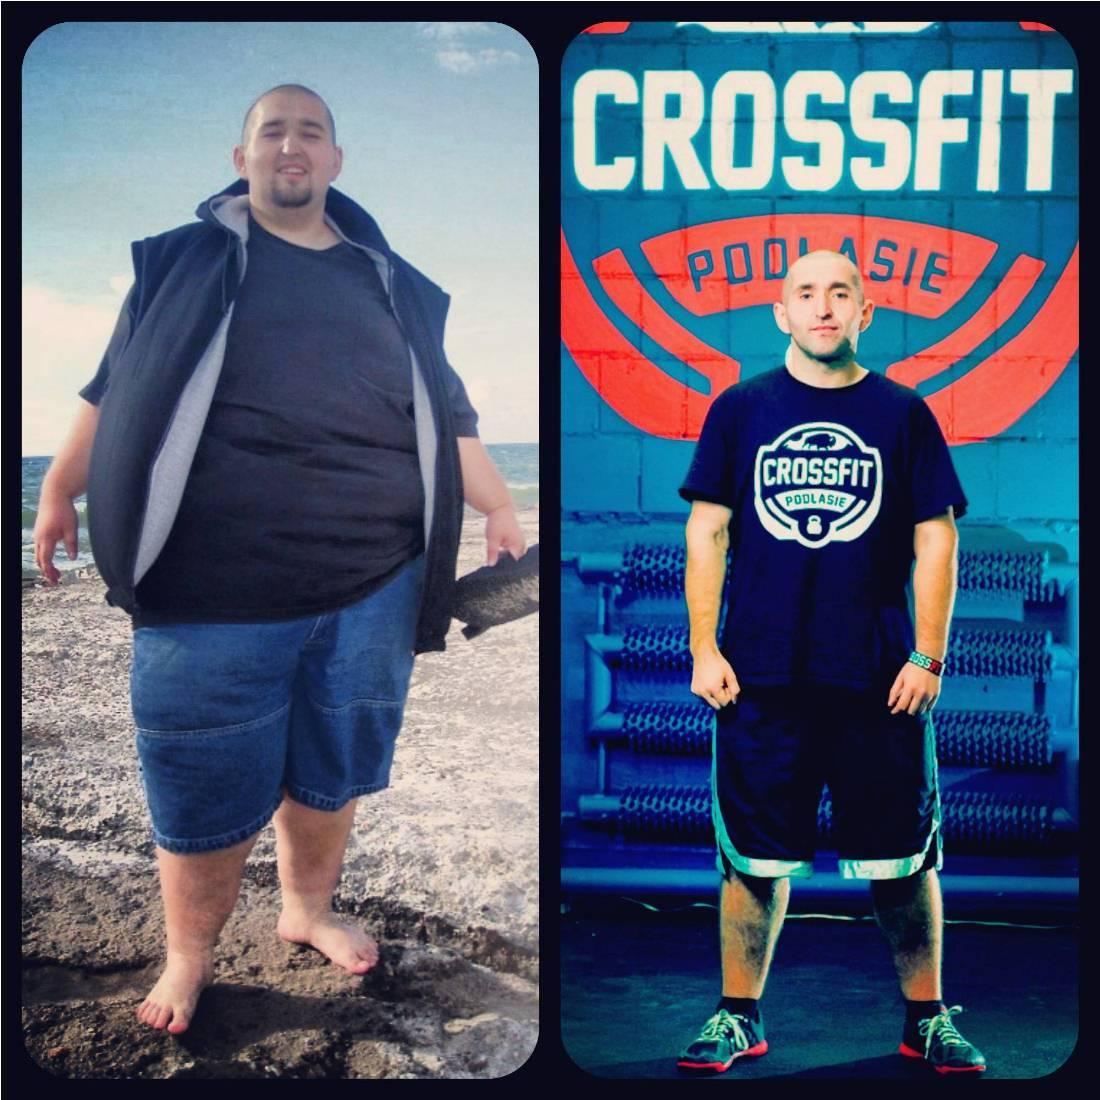 Ja CrossFit 4